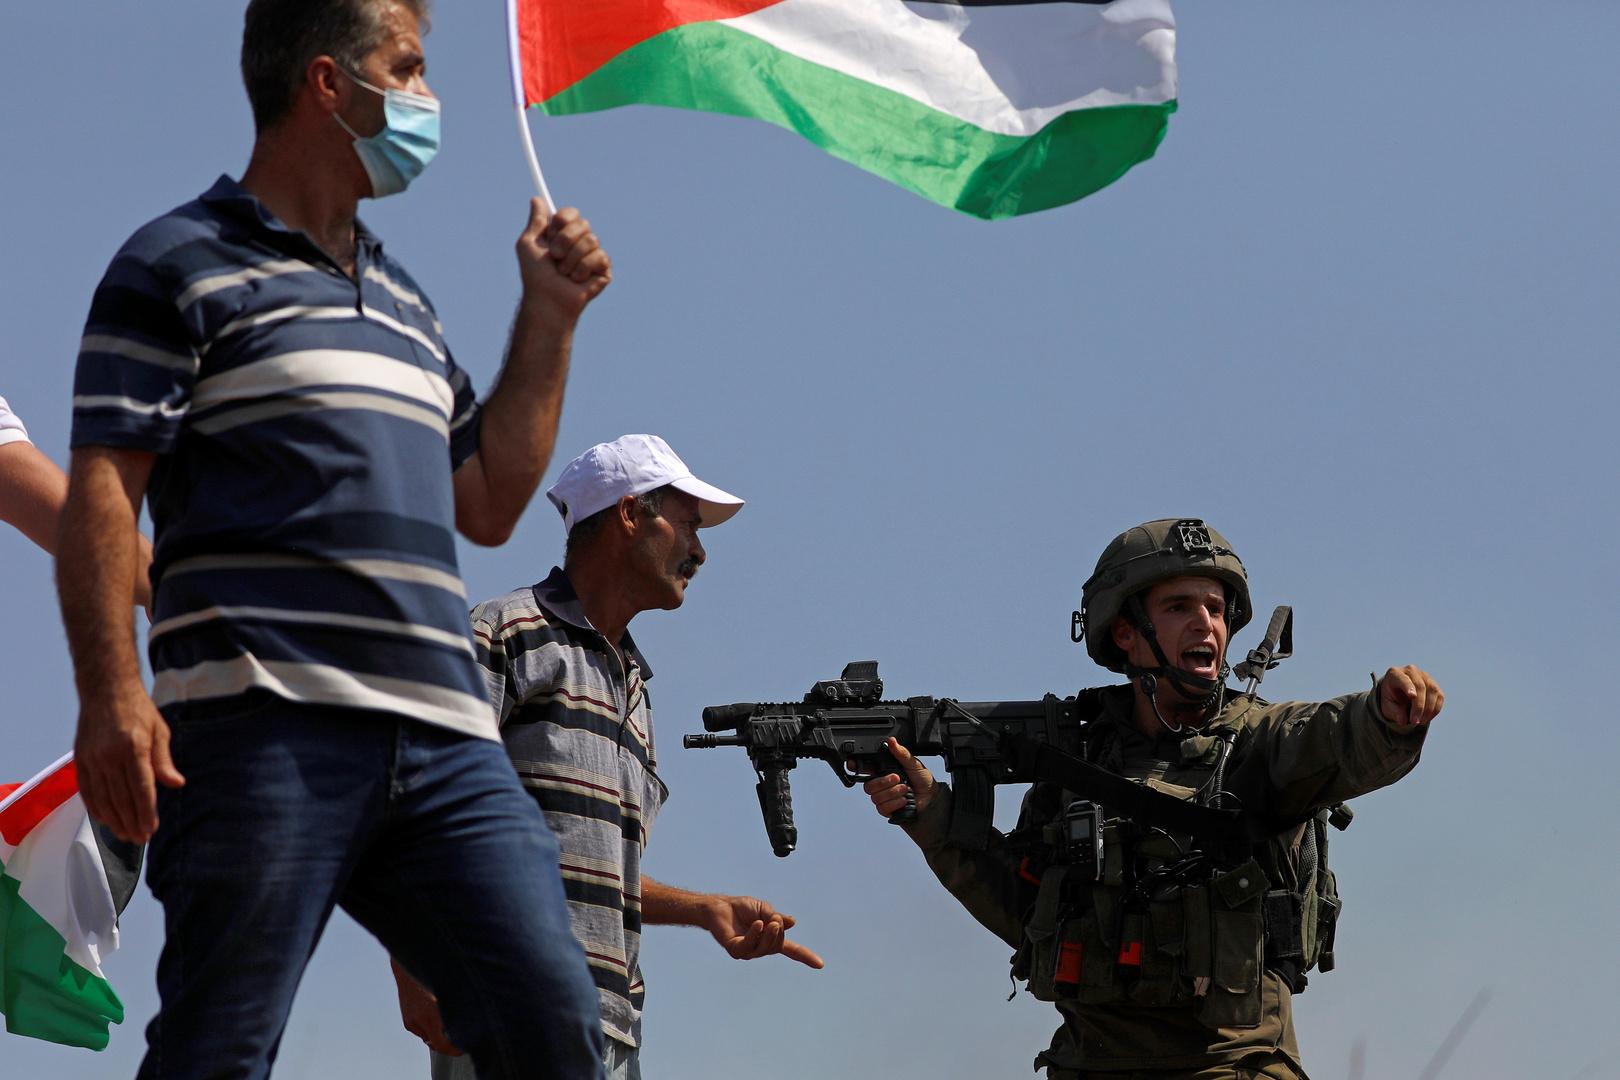 القوات الإسرائيلية تشن حملة اعتقالات واسعة في الضفة الغربية والقدس